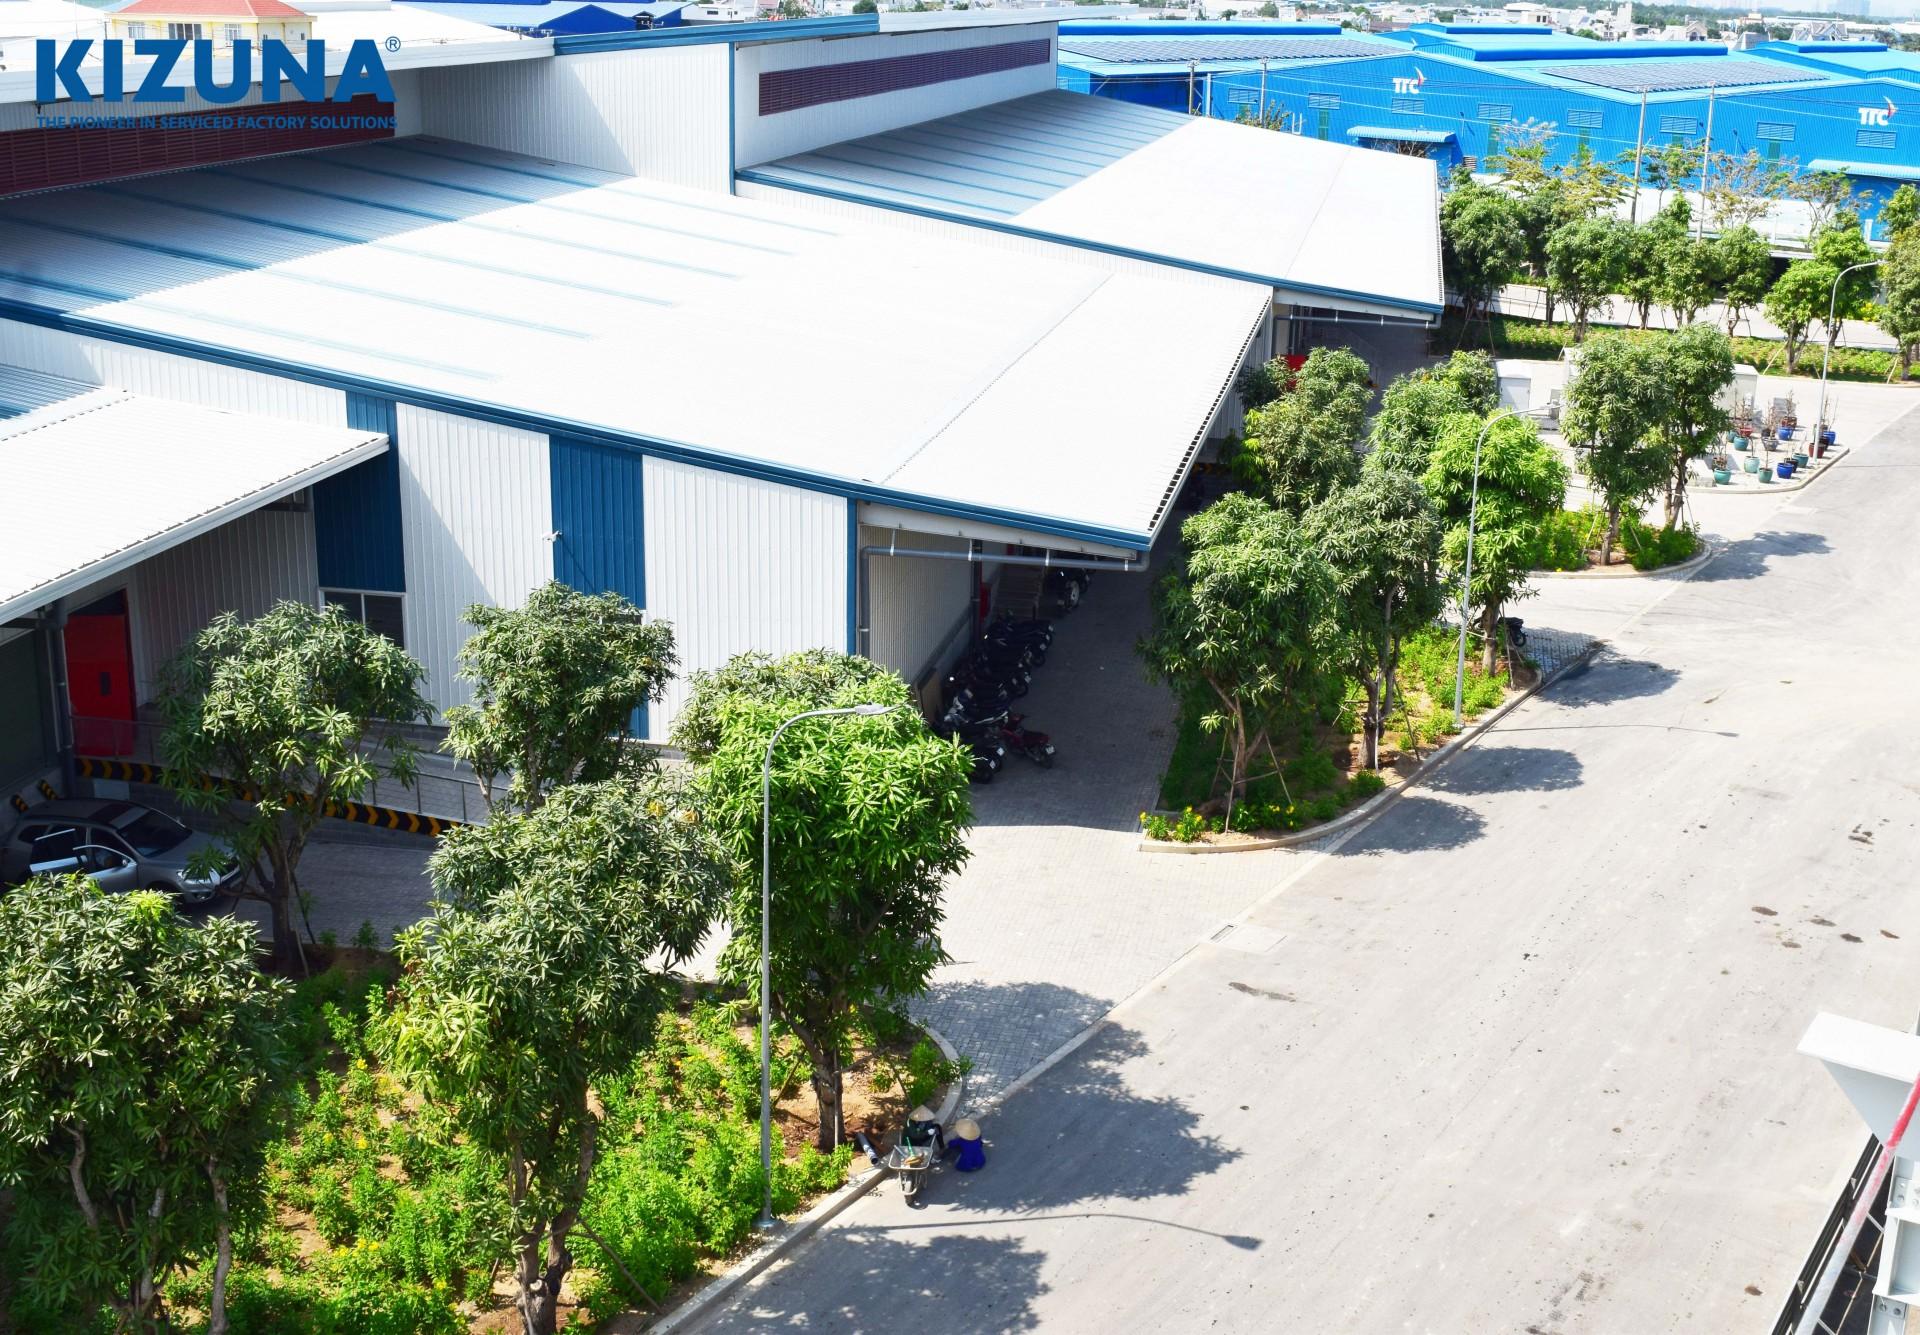 Kizuna packing factory